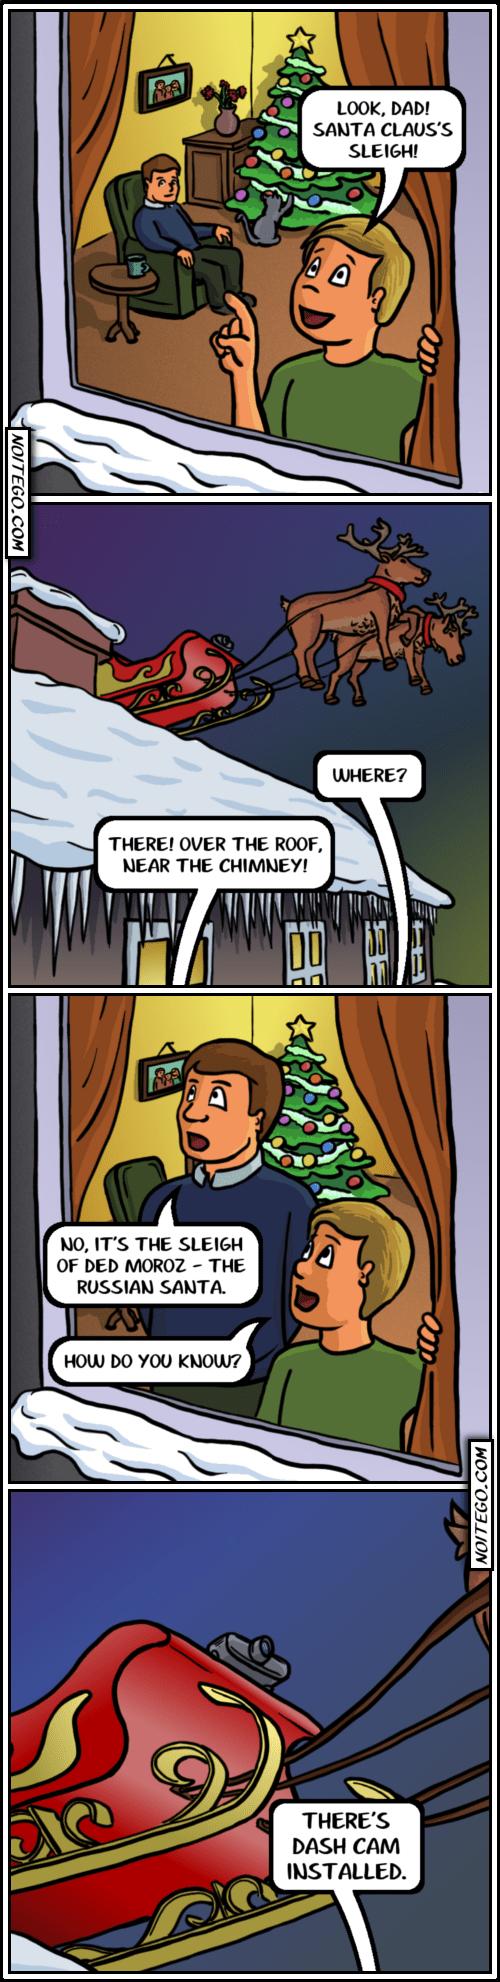 christmas reindeer santa claus web comics - 7971141120